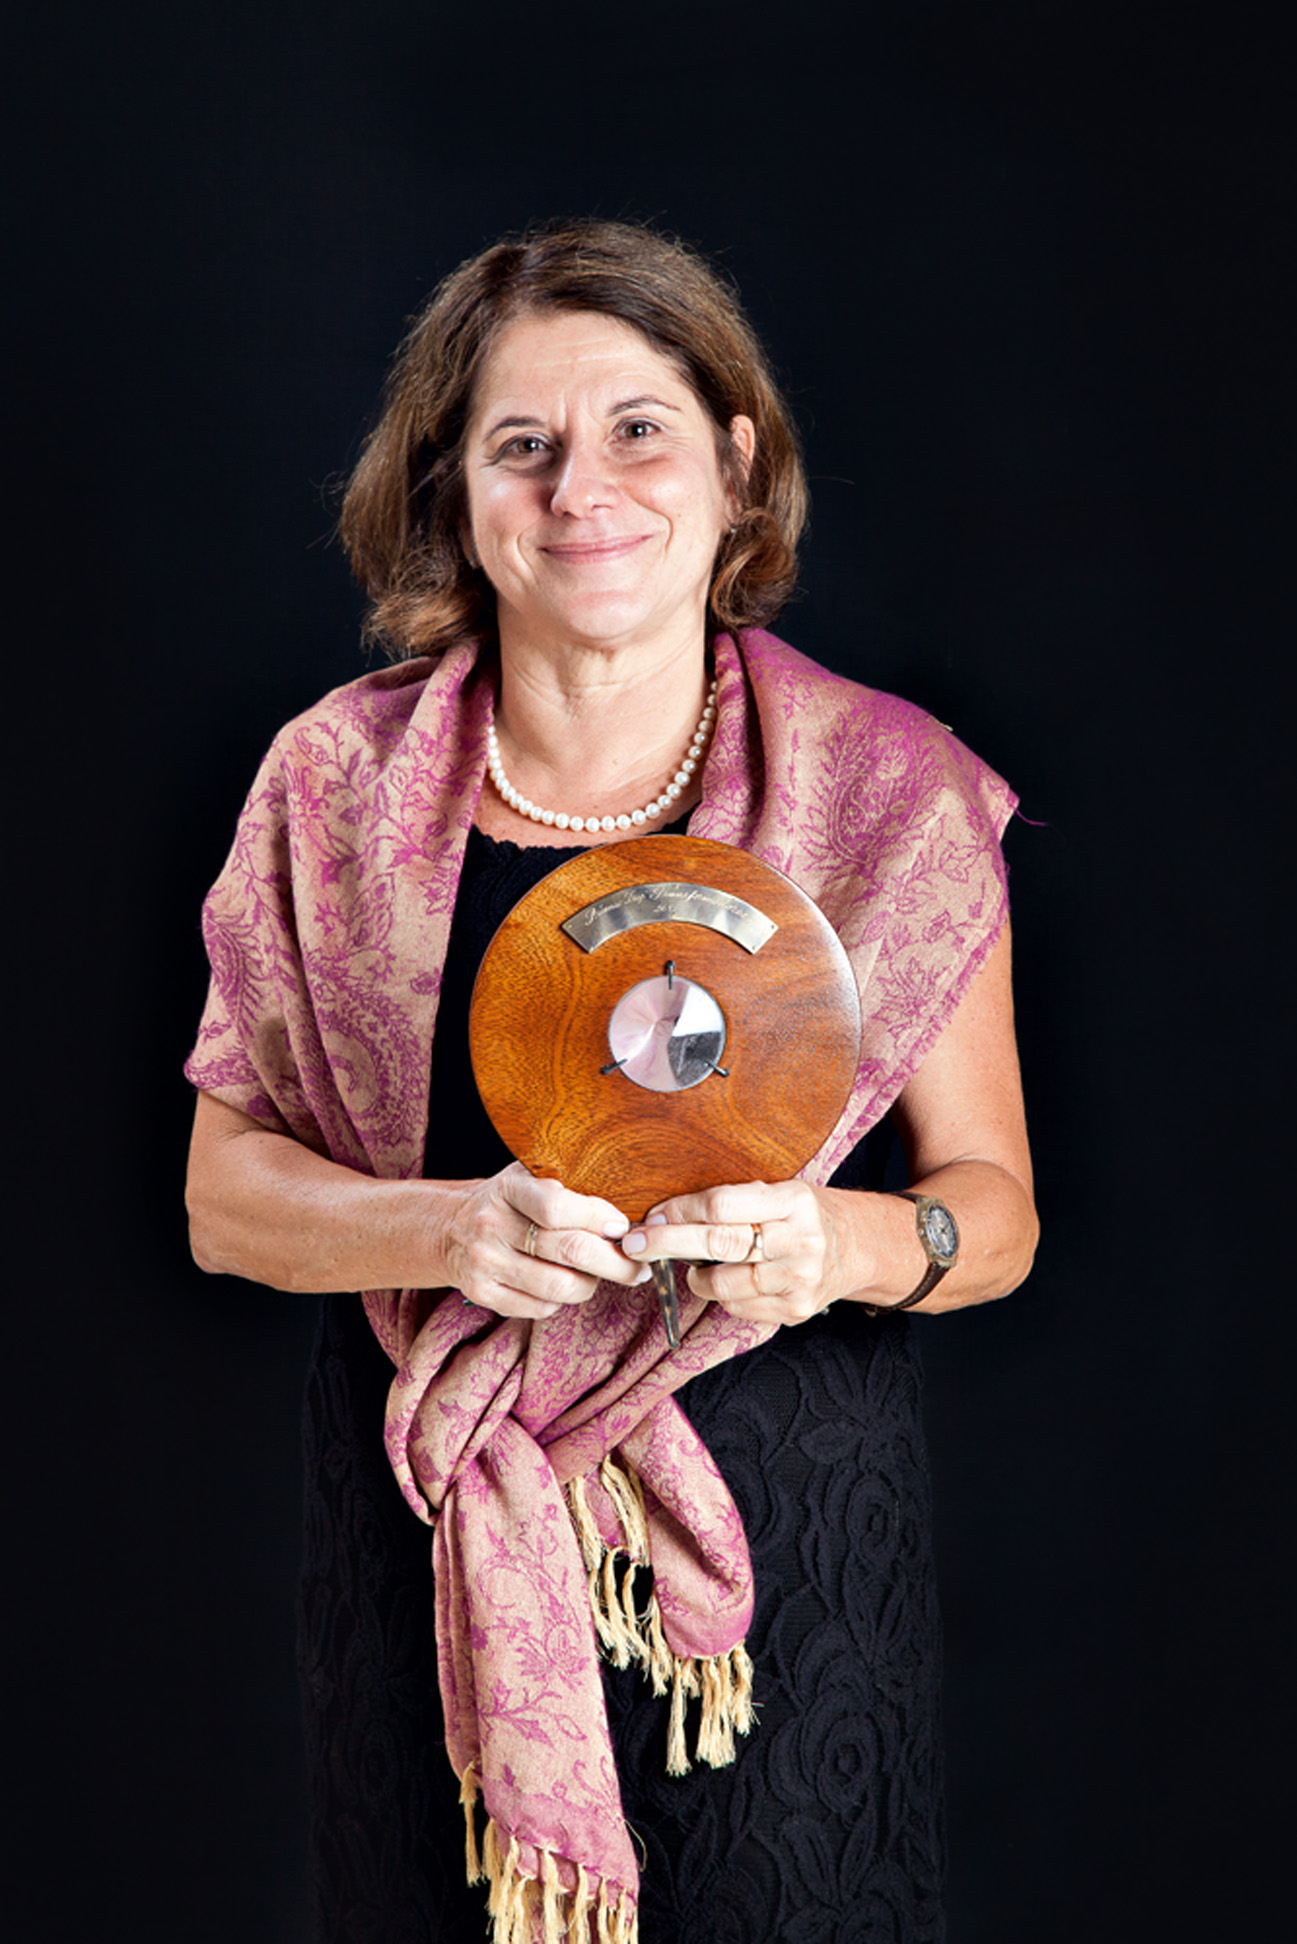 Vera Cordeiro - 'O Trip Transformadores é o mais importante evento feito no país para celebrar a inovação e o impacto na vida de tantos. É uma forma de dar visibilidade ao Brasil que dá certo. Somos um celeiro de empreendedores, muitas vezes sem voz, para replicar e continuar transformando!'